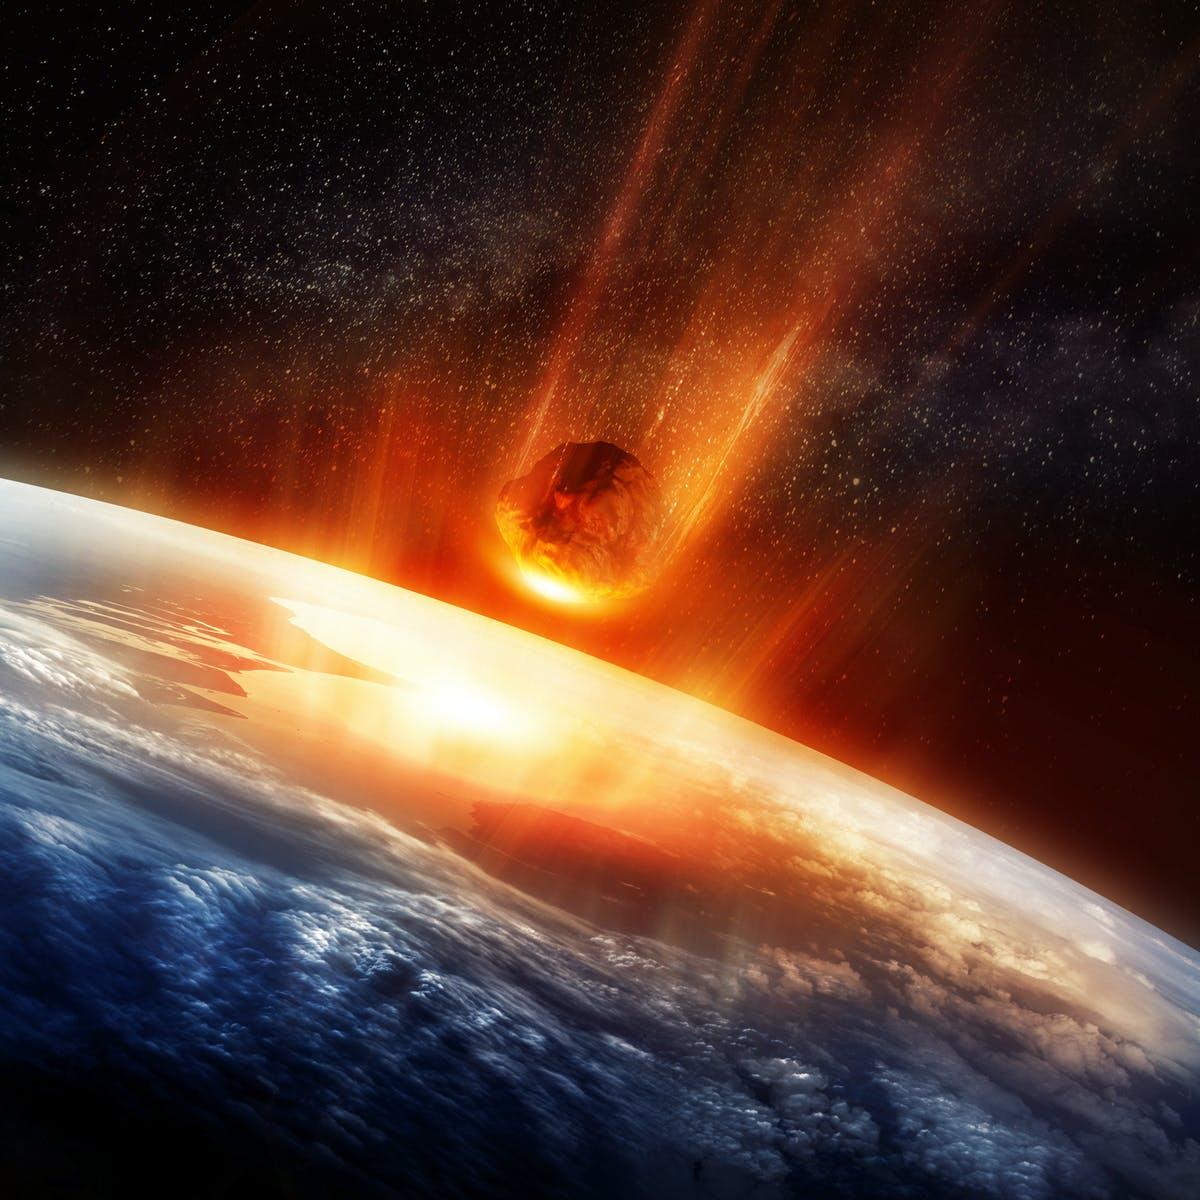 khi Gliese 710 đi đến điểm gần nhất với Trái đất, nó sẽ cháy như một quả cầu màu cam rực rỡ